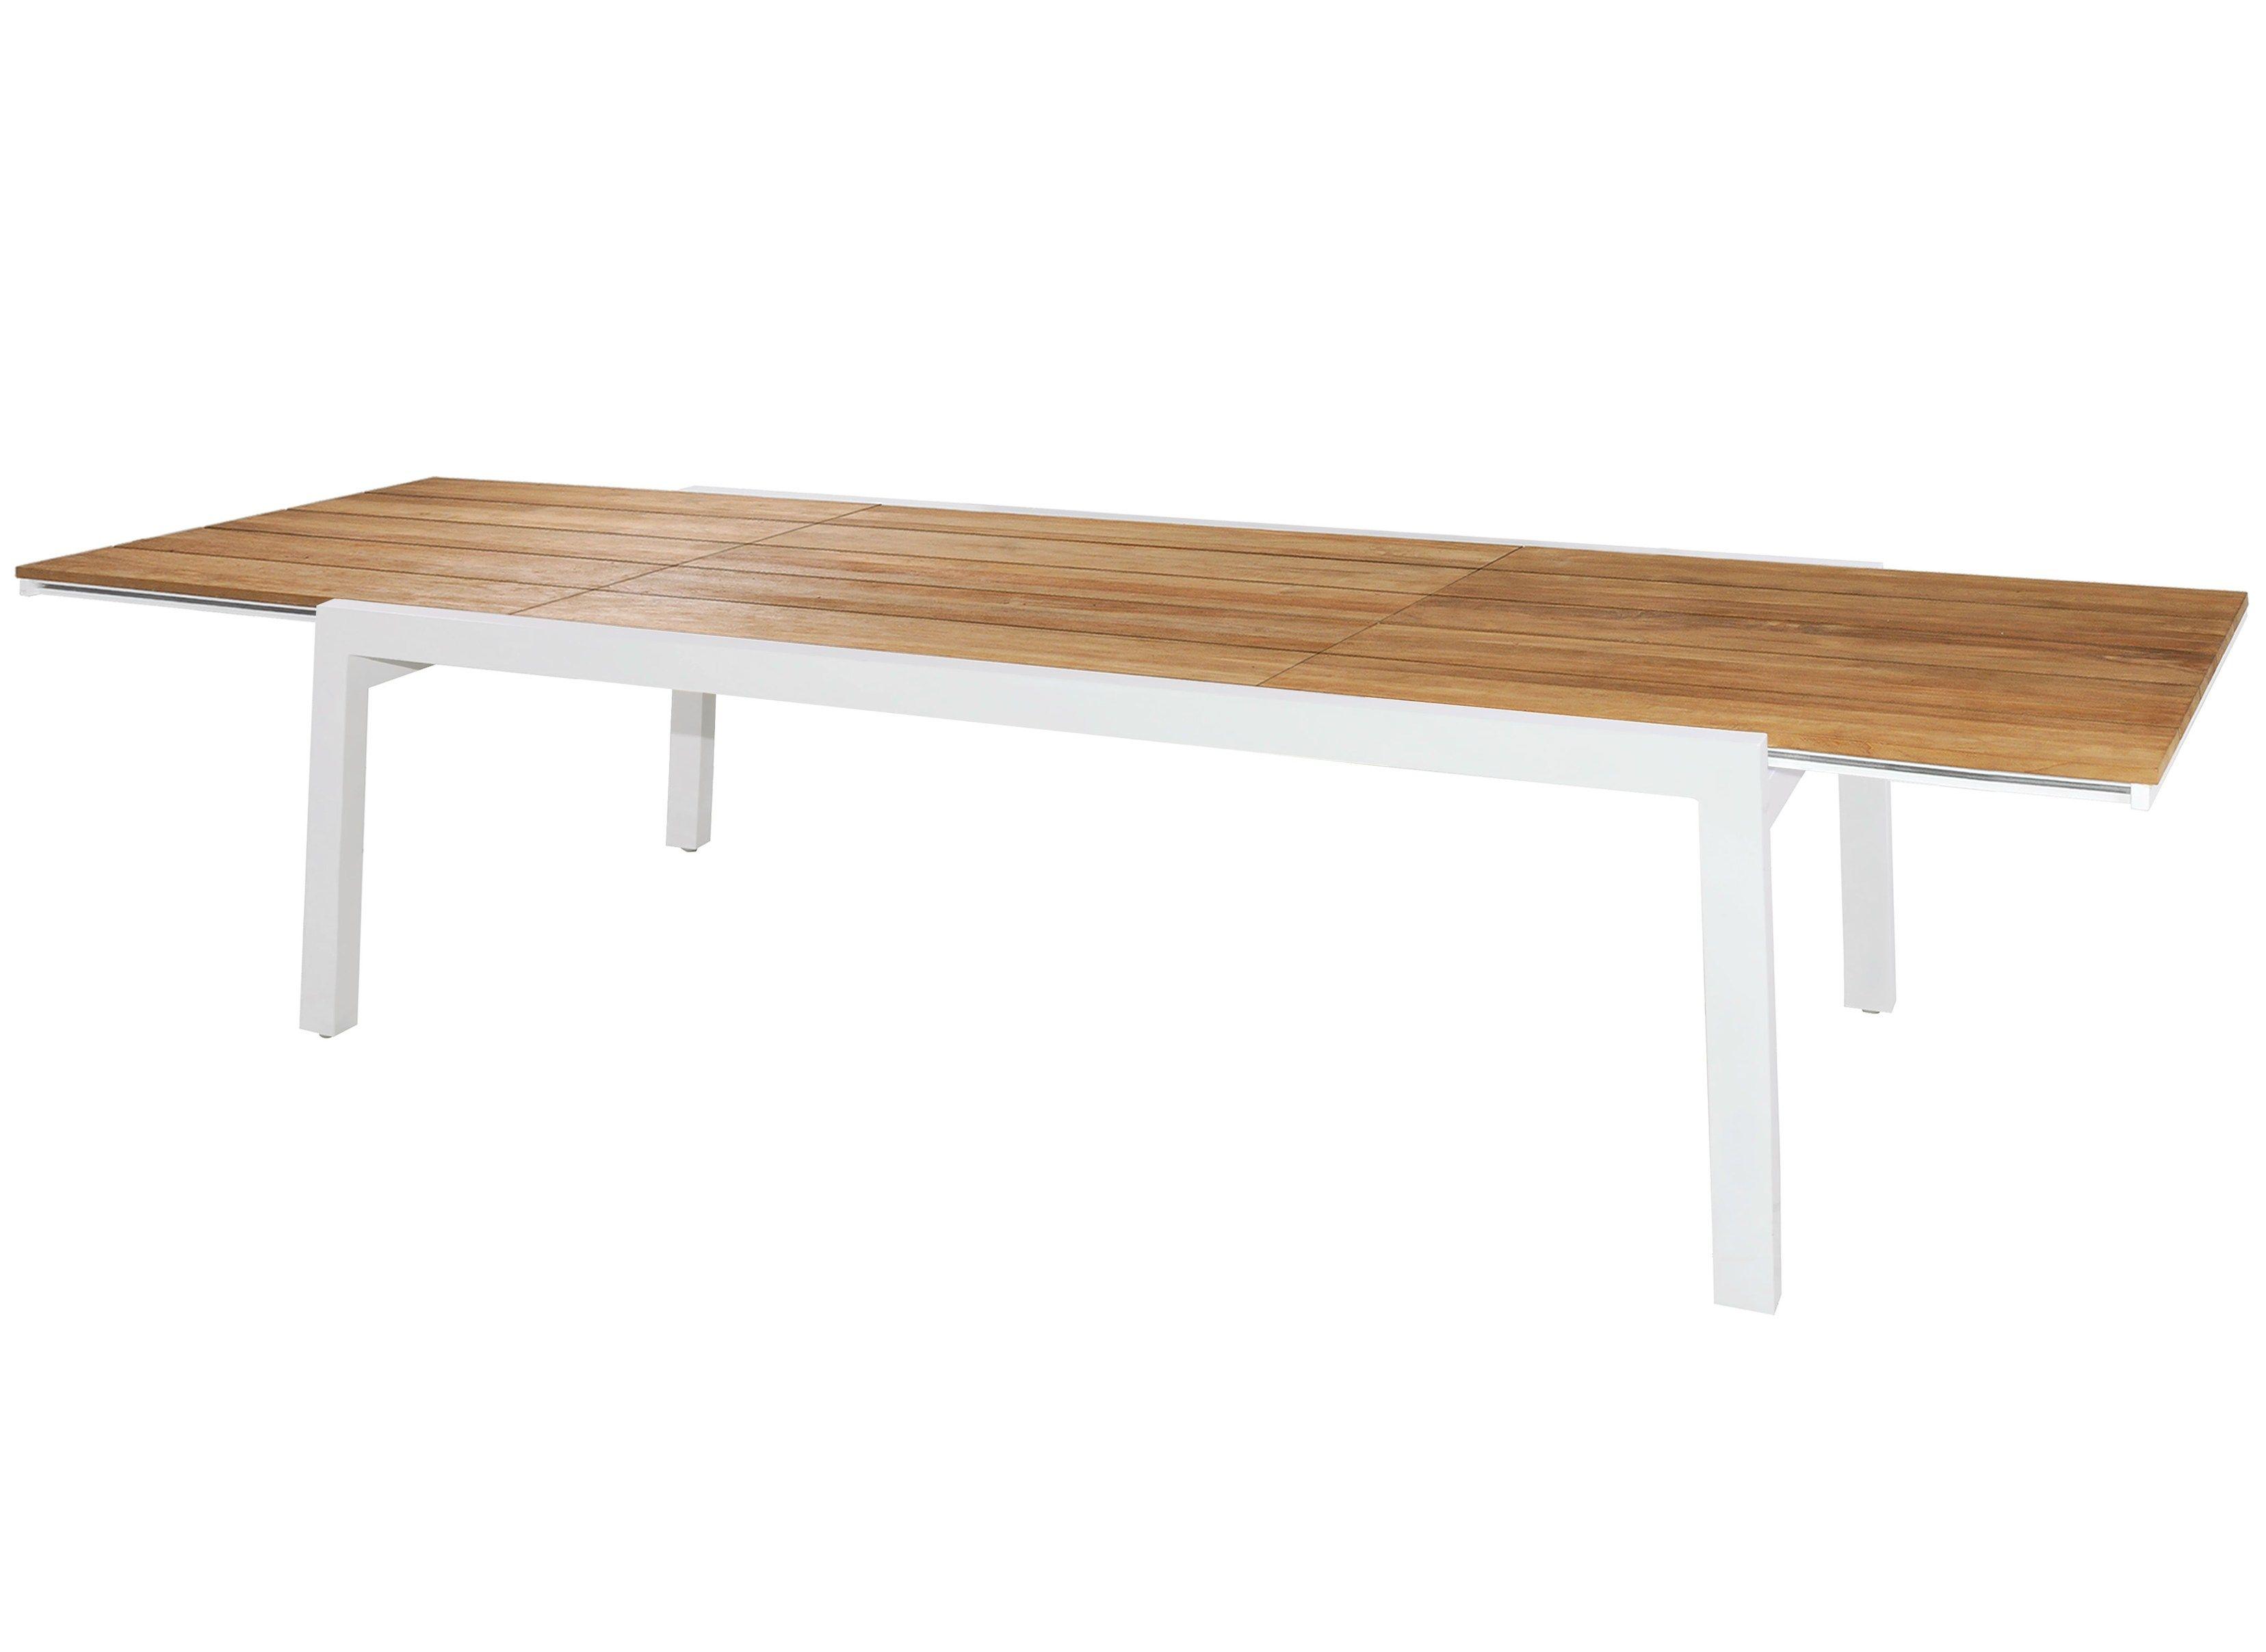 table extensible de jardin en aluminium et bois baia. Black Bedroom Furniture Sets. Home Design Ideas